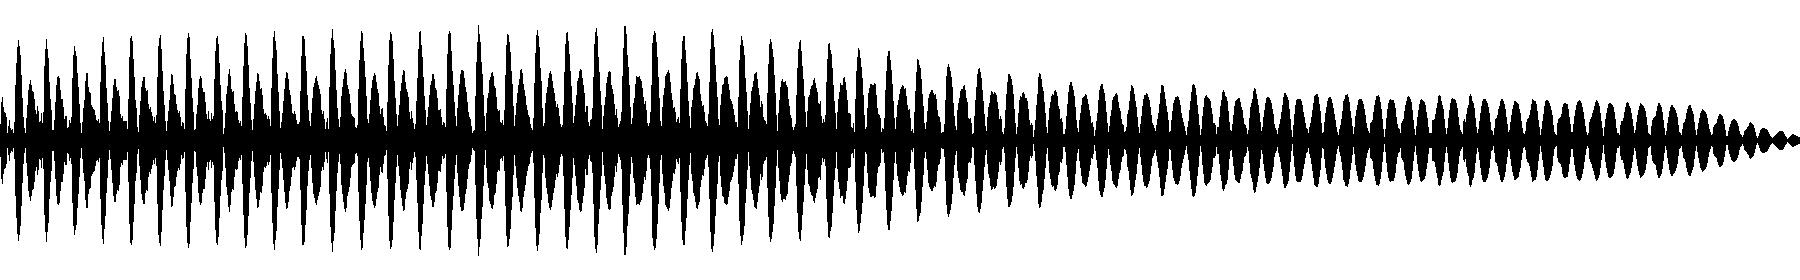 gia sound 17 e3